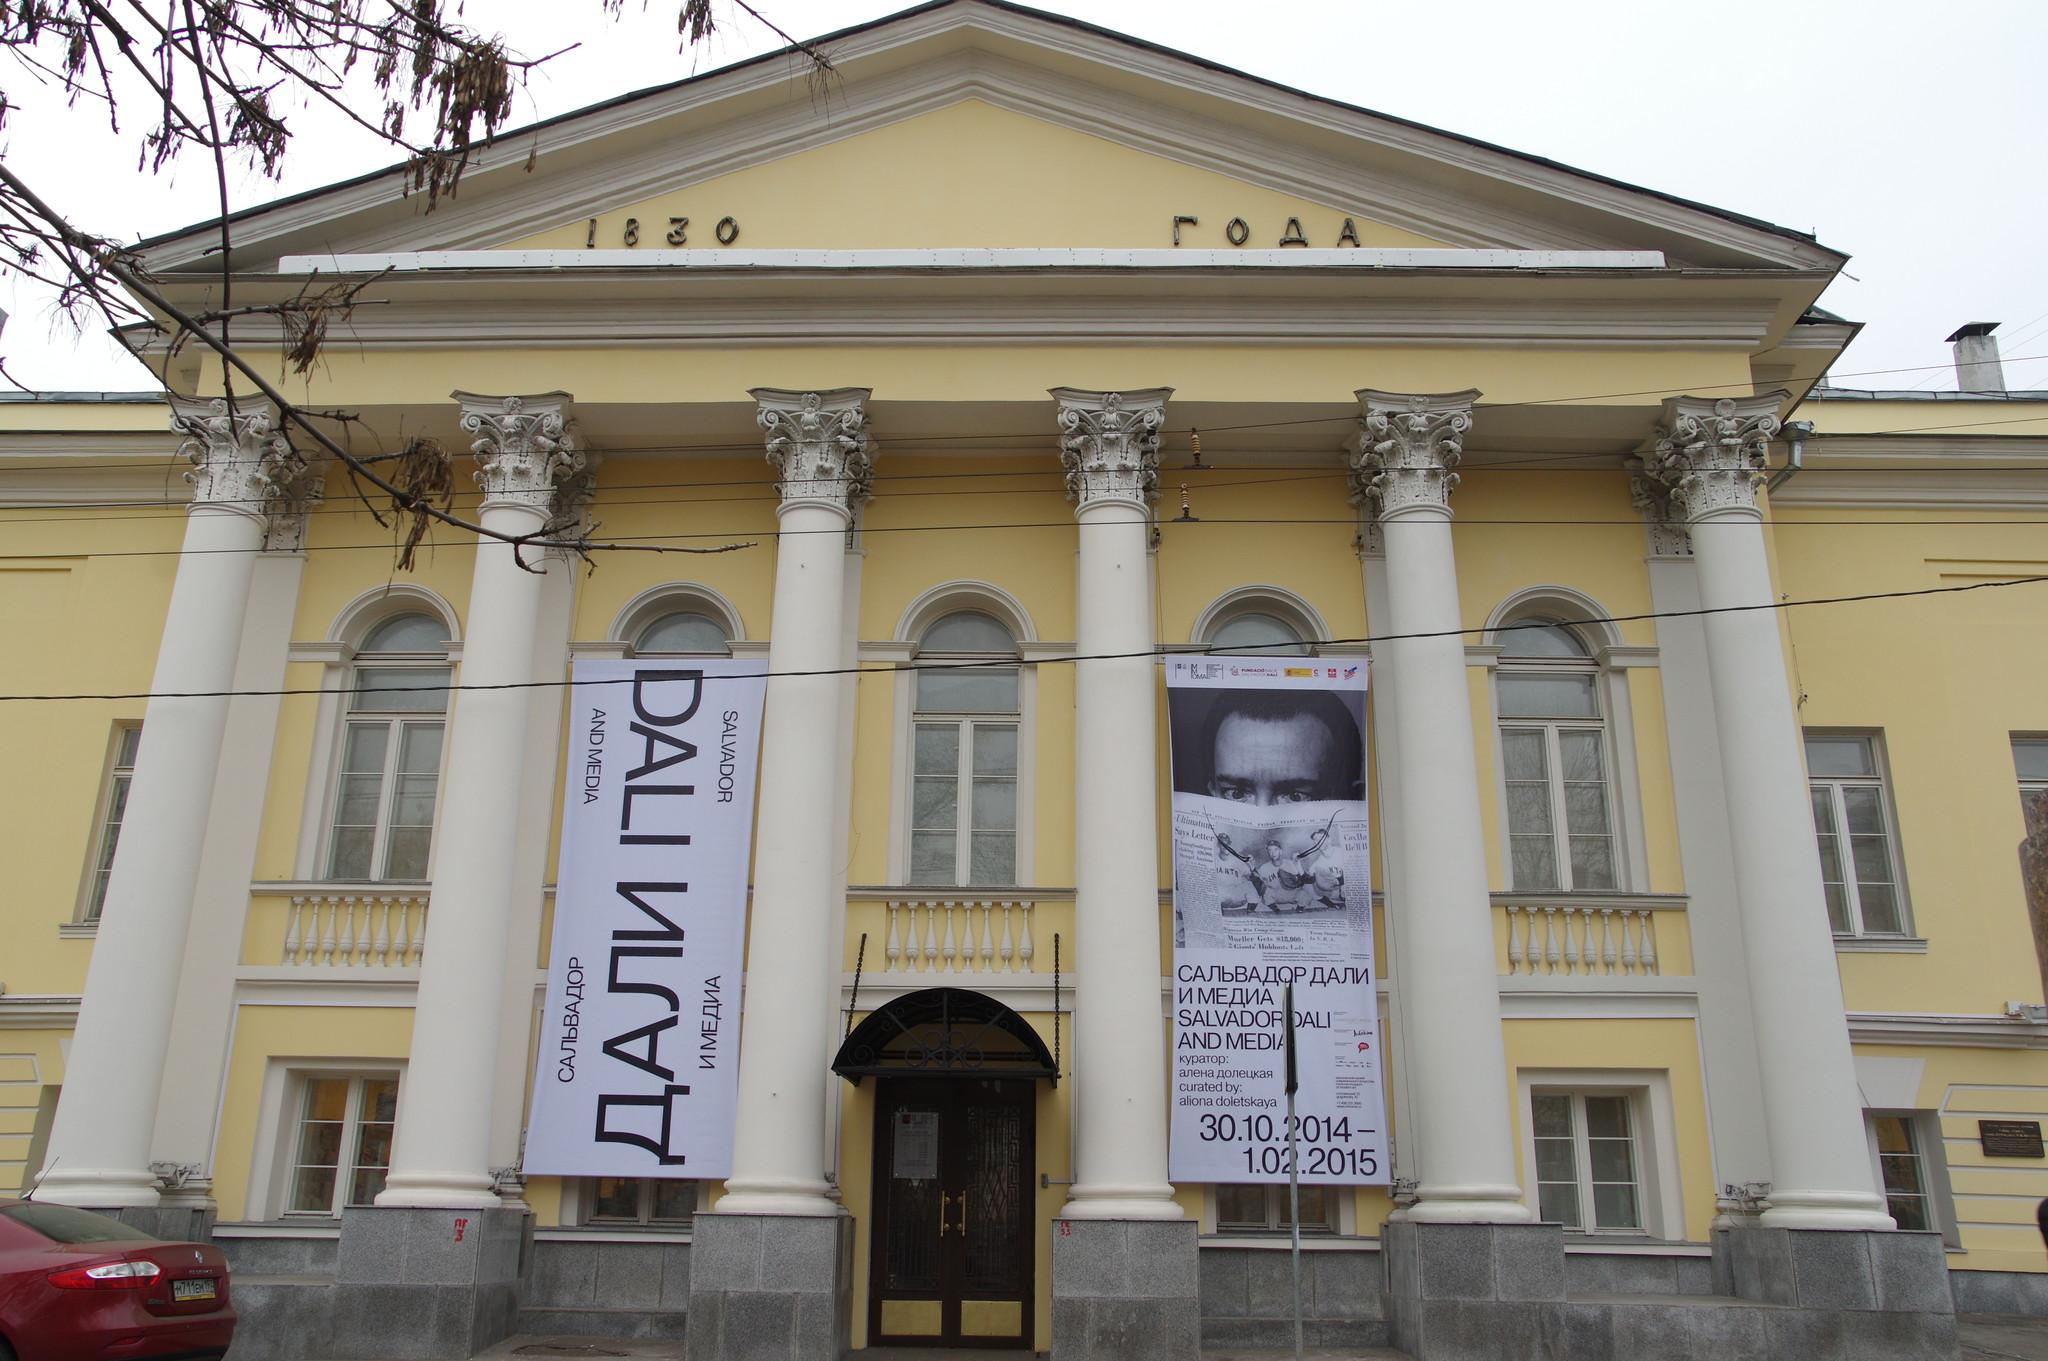 Московский музей современного искусства (Гоголевский бульвар, дом 10)